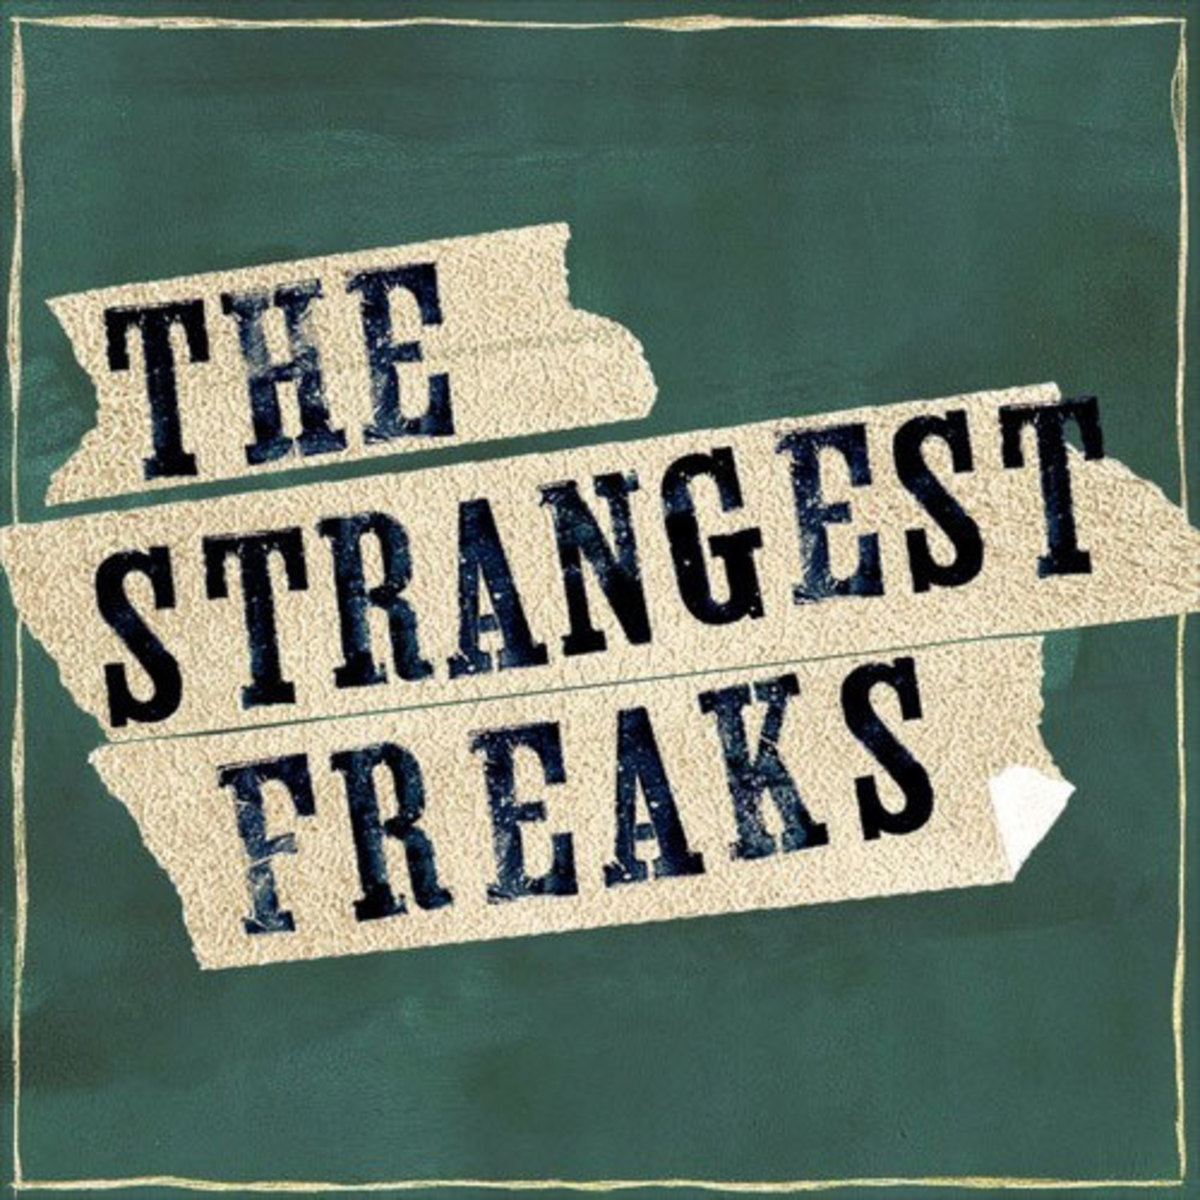 the-strangest-freaks.jpg